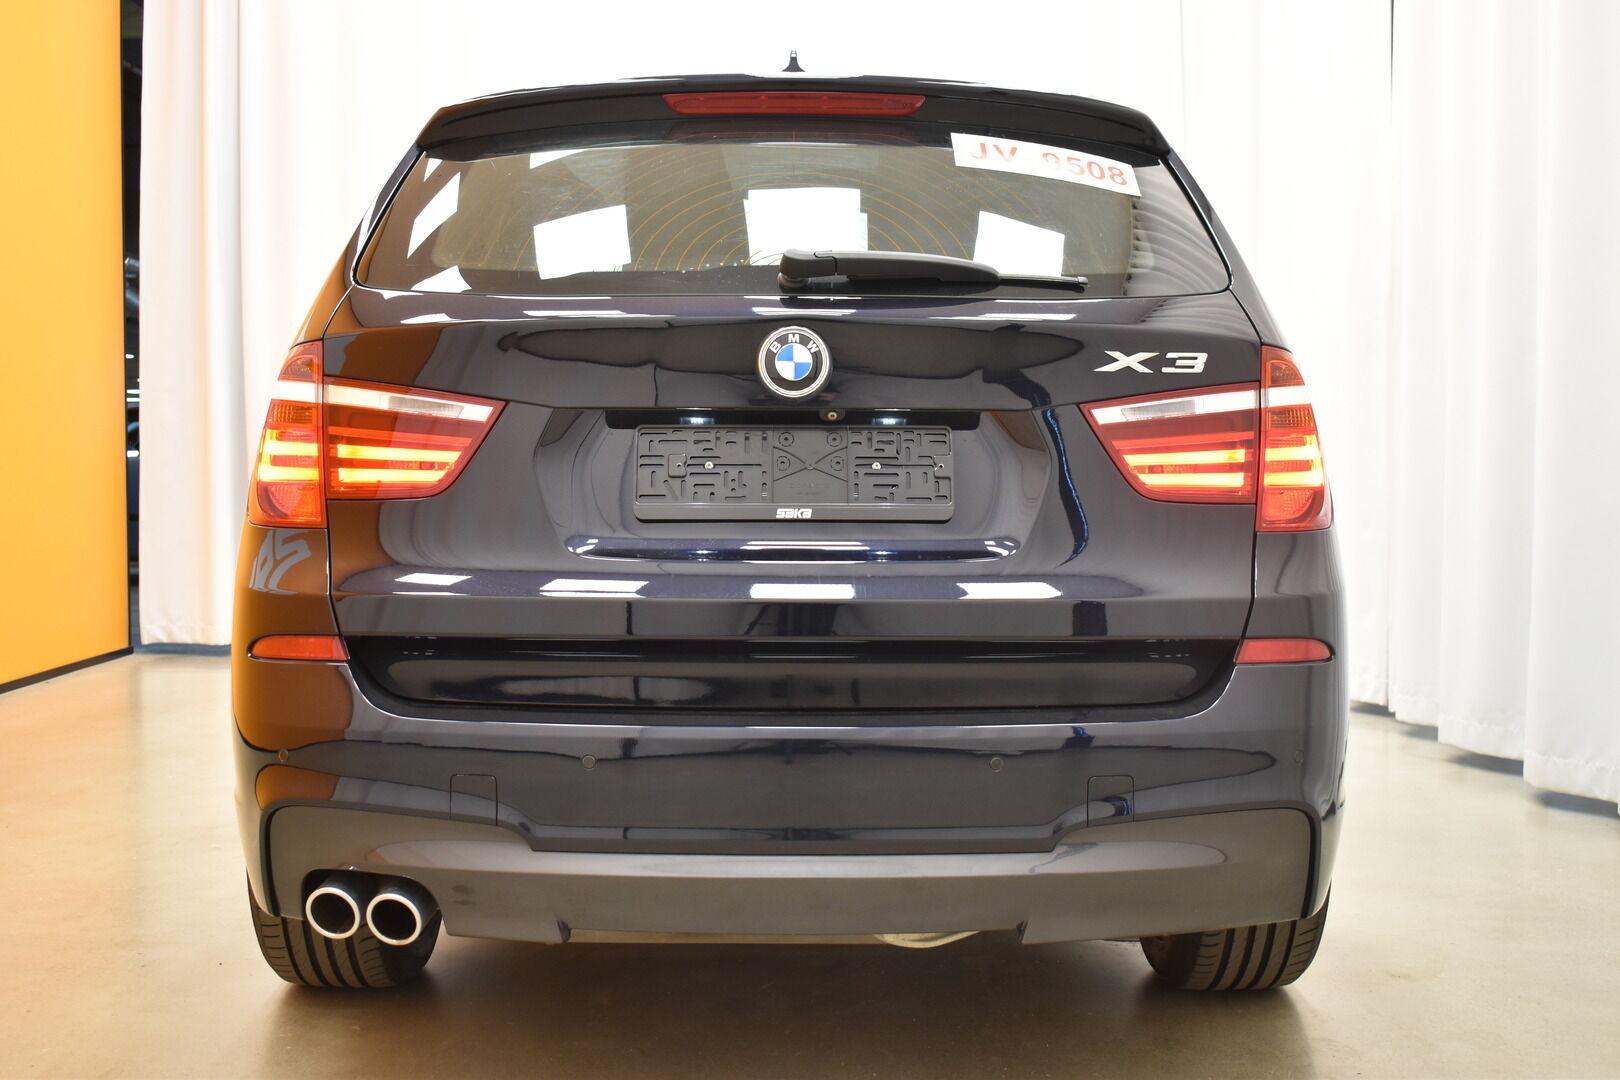 Musta Maastoauto, BMW X3 – OUL-28083, kuva 24